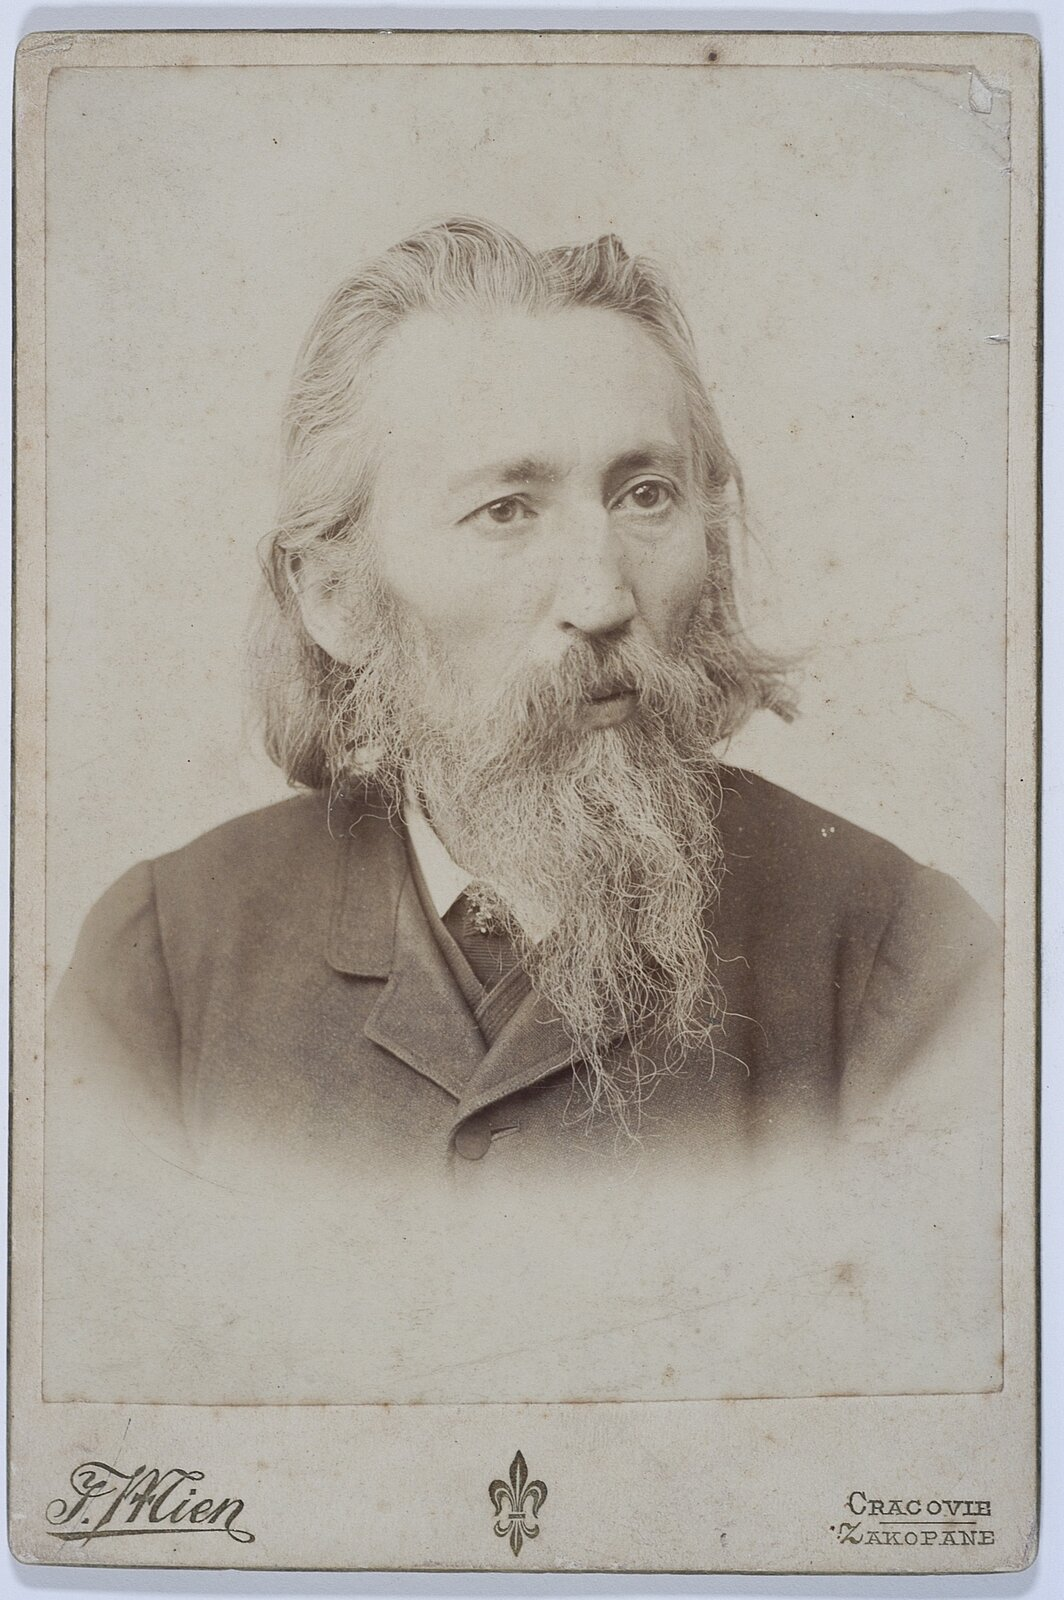 Jak Matejko - portret Źródło: Biblioteka Narodowa, licencja: CC 0.